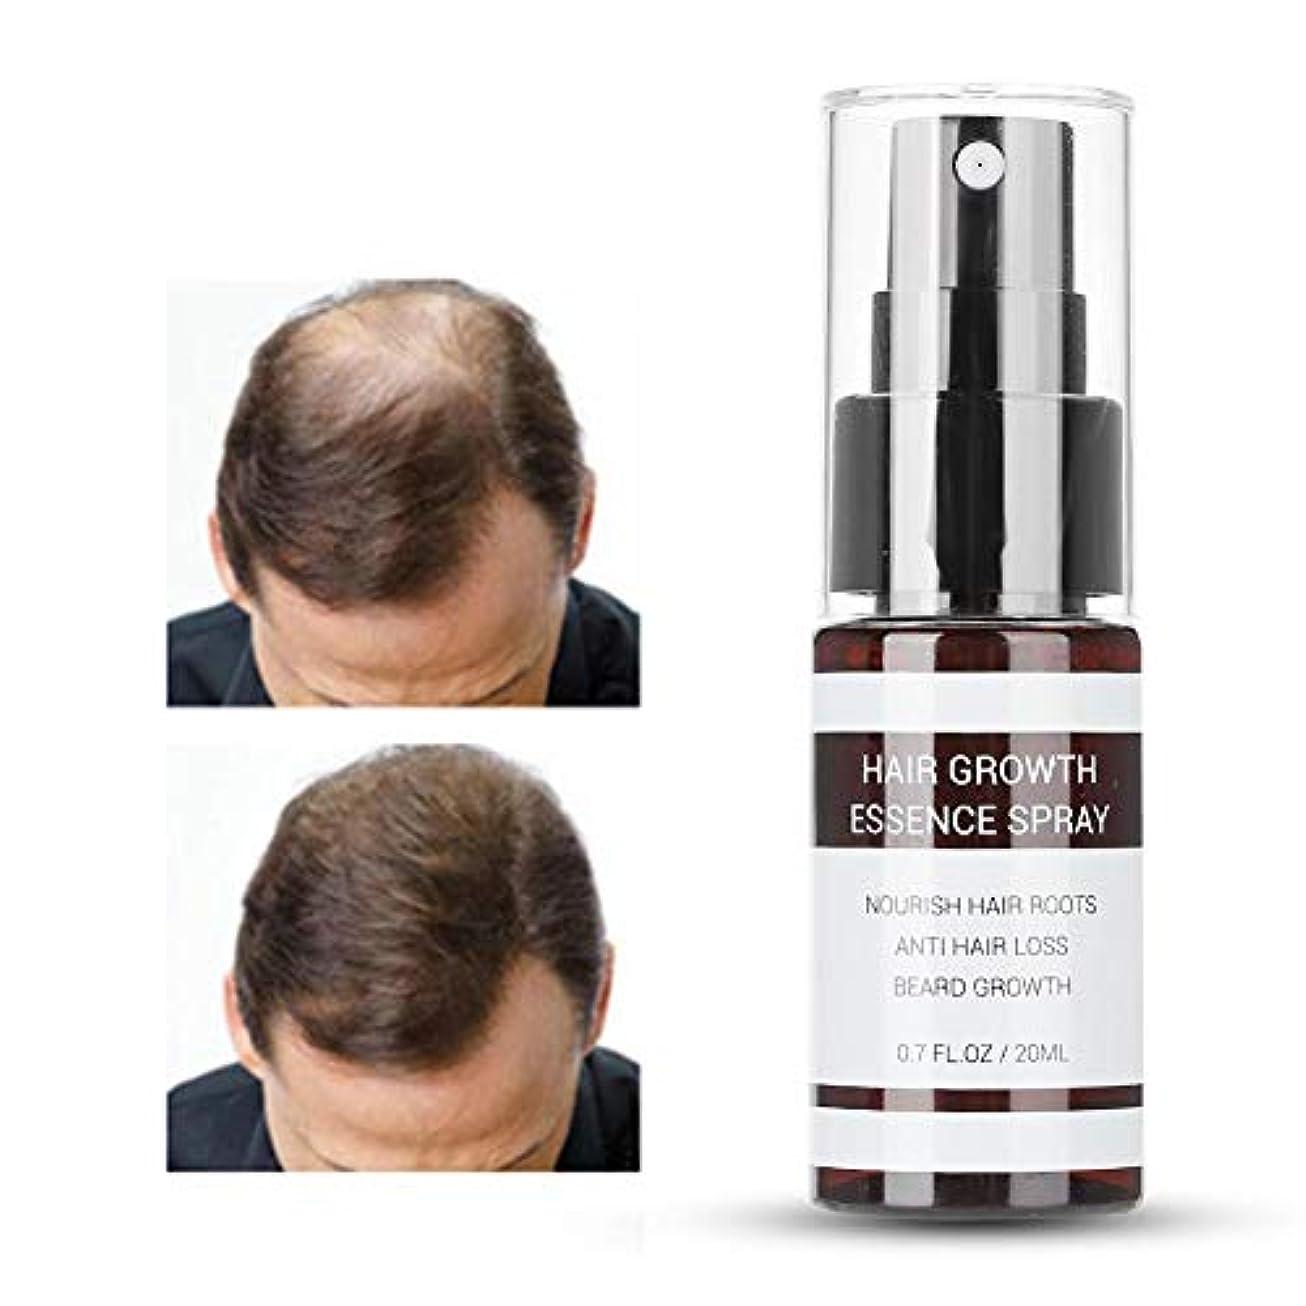 速報ジャンル薄汚い20ML育毛スプレー天然植物成分 育毛液 ヘアトリートメントエッセンス 毛根の質を高め メラニン合成を促進し